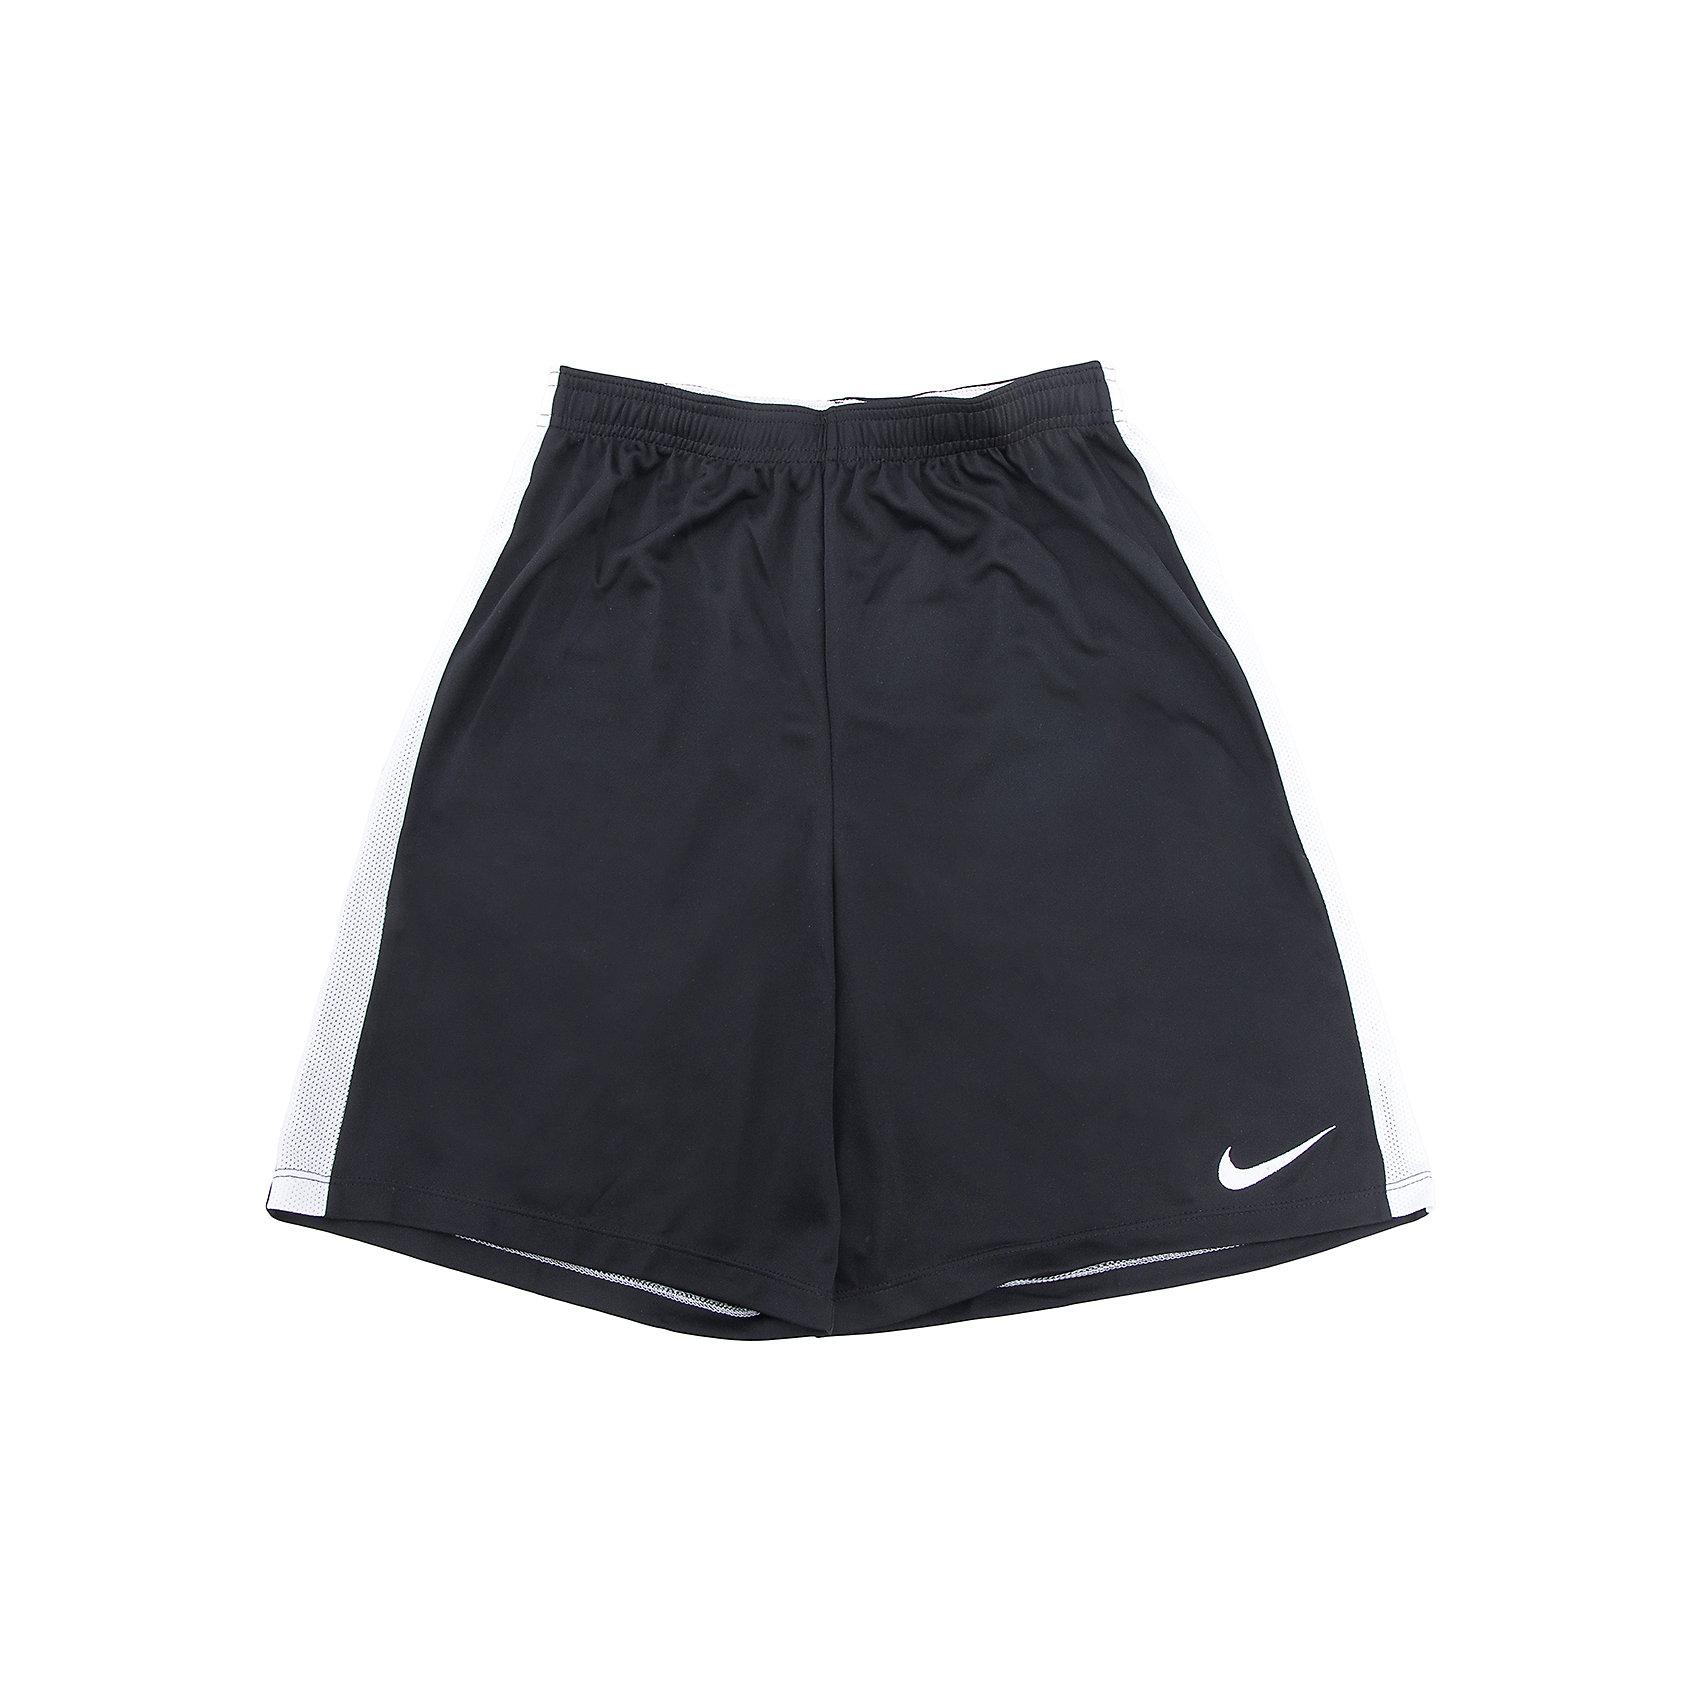 Шорты для спорта NIKEШорты, бриджи, капри<br>Шорты для спорта NIKE<br>Шорты Nike Y Nk Dry. Ткань Nike Dry отводит влагу на поверхность ткани, где она быстро испаряется, обеспечивая комфорт. Плоский шнур-кулиса обеспечивает заниженную индивидуальную посадку. Легендарные боковые полоски из дышащей сетки.<br>Состав:<br>полиэстер 100%<br><br>Ширина мм: 191<br>Глубина мм: 10<br>Высота мм: 175<br>Вес г: 273<br>Цвет: черный<br>Возраст от месяцев: 144<br>Возраст до месяцев: 156<br>Пол: Унисекс<br>Возраст: Детский<br>Размер: 147/158,158/170,122/128,128/134,135/140<br>SKU: 6772125